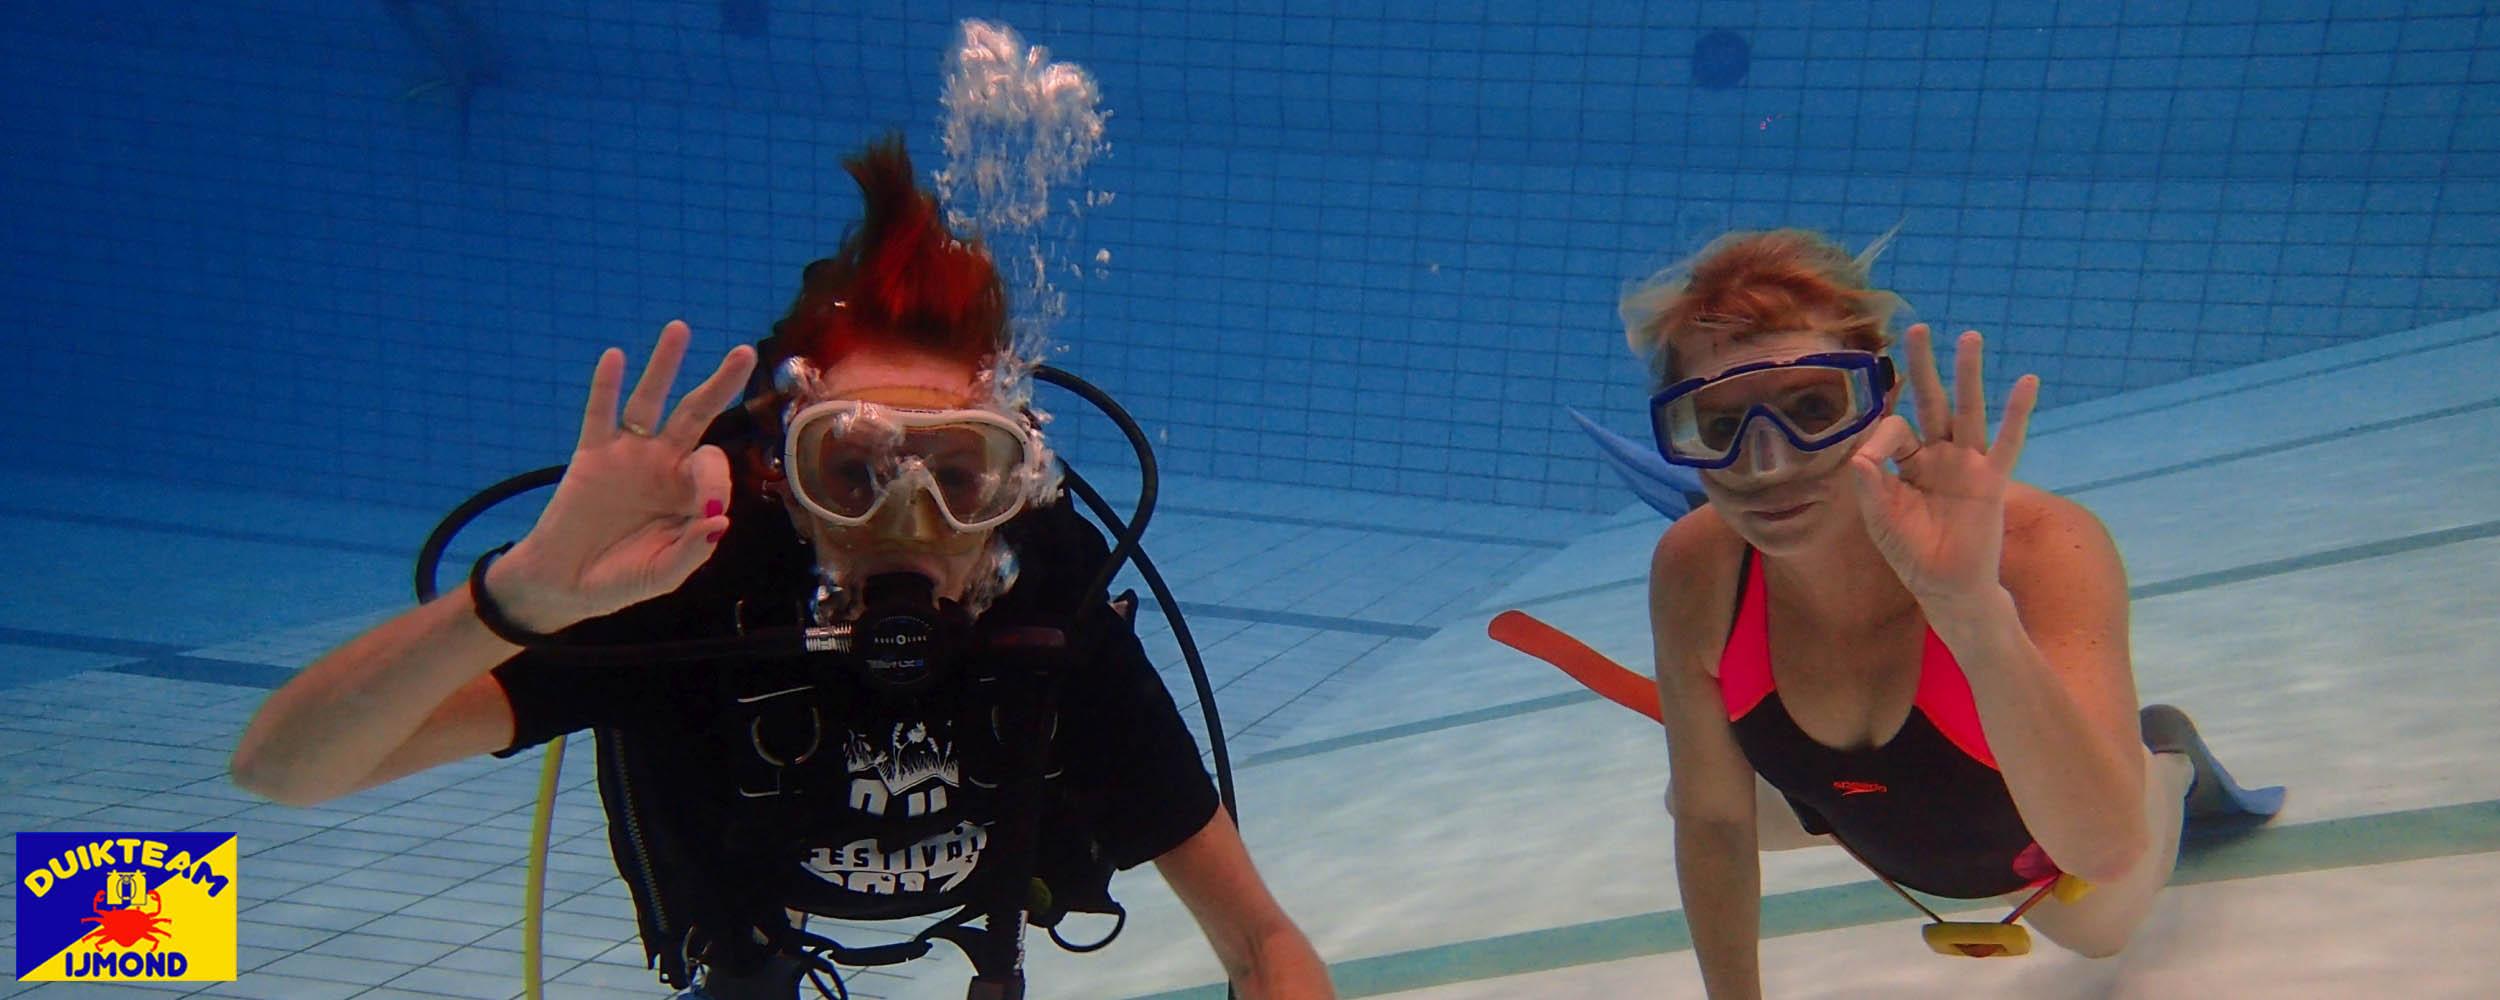 Een proefles duiken in het zwembad